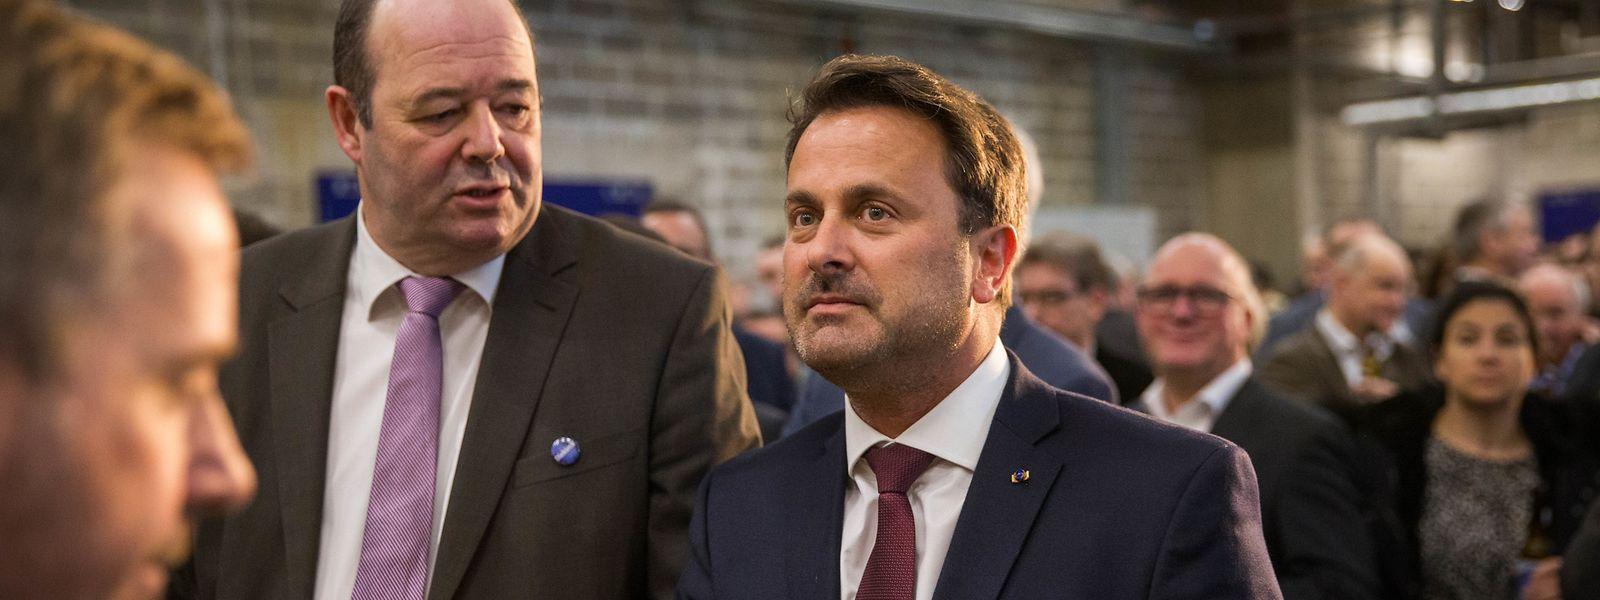 Ce vendredi après-midi, le Premier ministre a participé à l'inauguration de la nouvelle brasserie de Diekirch avant d'envoyer son message aux jeunes mobilisés un peu plus tôt dans les rues de Luxembourg.